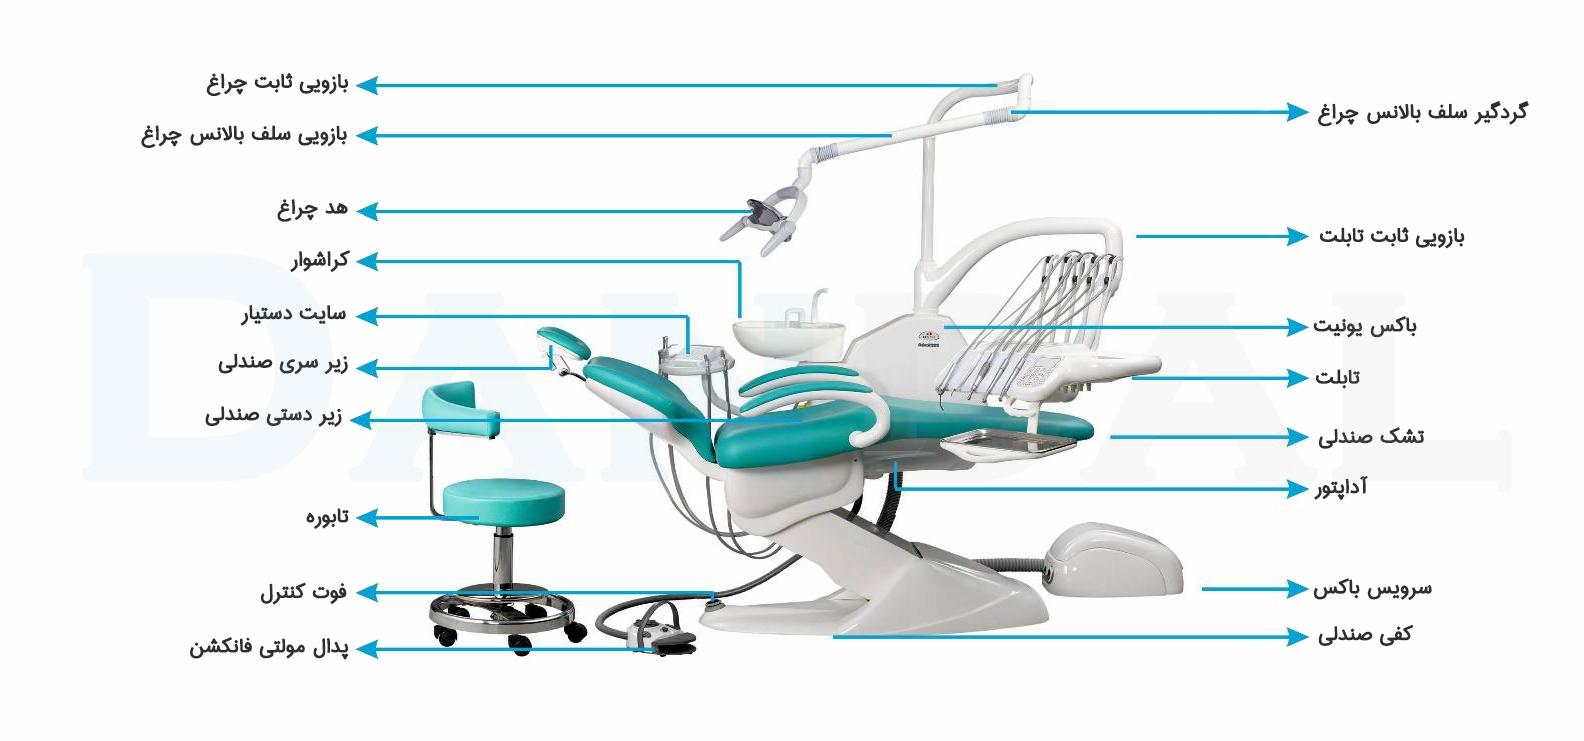 یو پی اس دستگاه یونیت دندانپزشکی